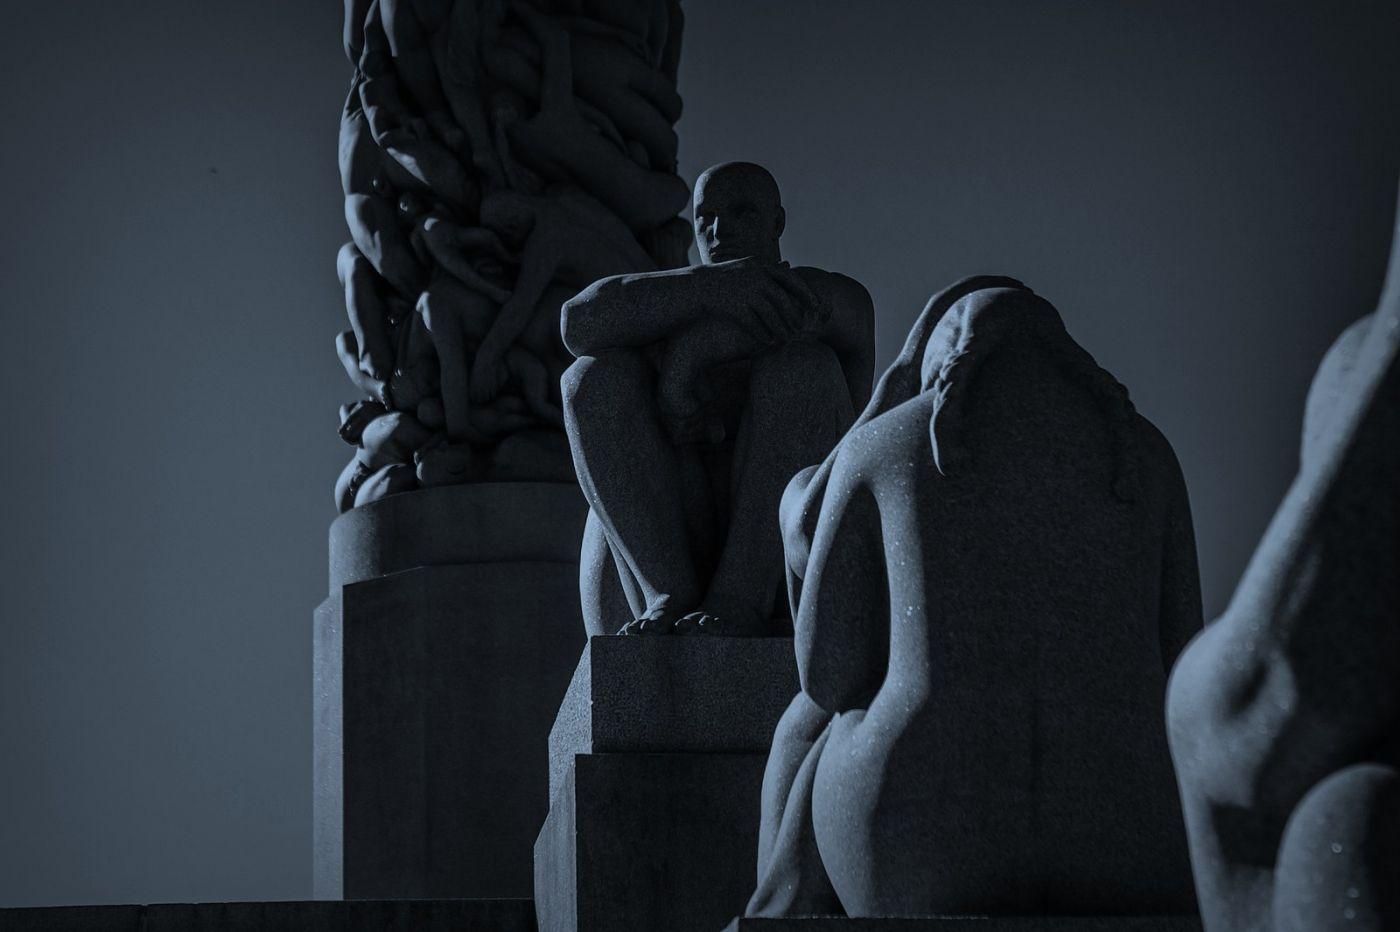 挪威维格兰雕塑公园,艺术的确来自生活_图1-11